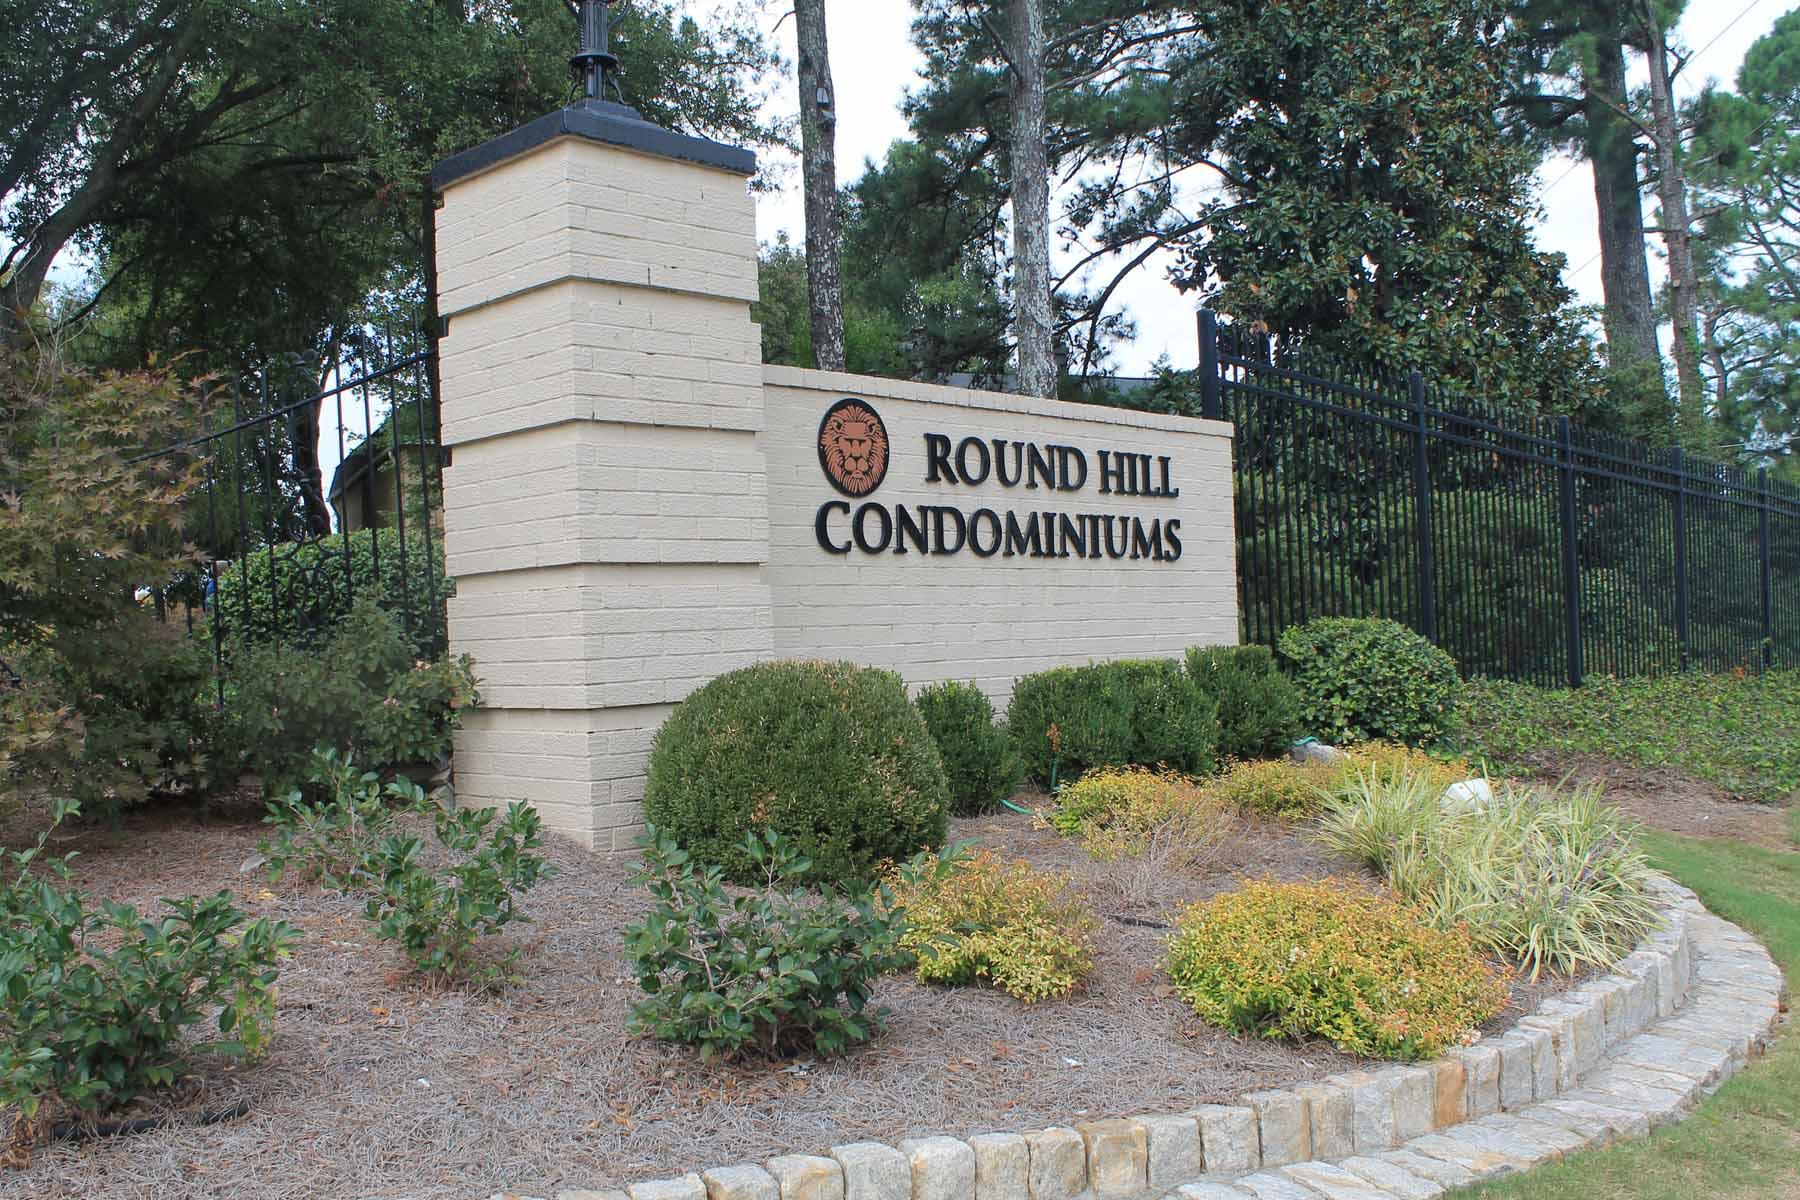 共管物業 為 出售 在 Round Hill Condo 5400 Roswell Road P4 Atlanta, 喬治亞州, 30342 美國